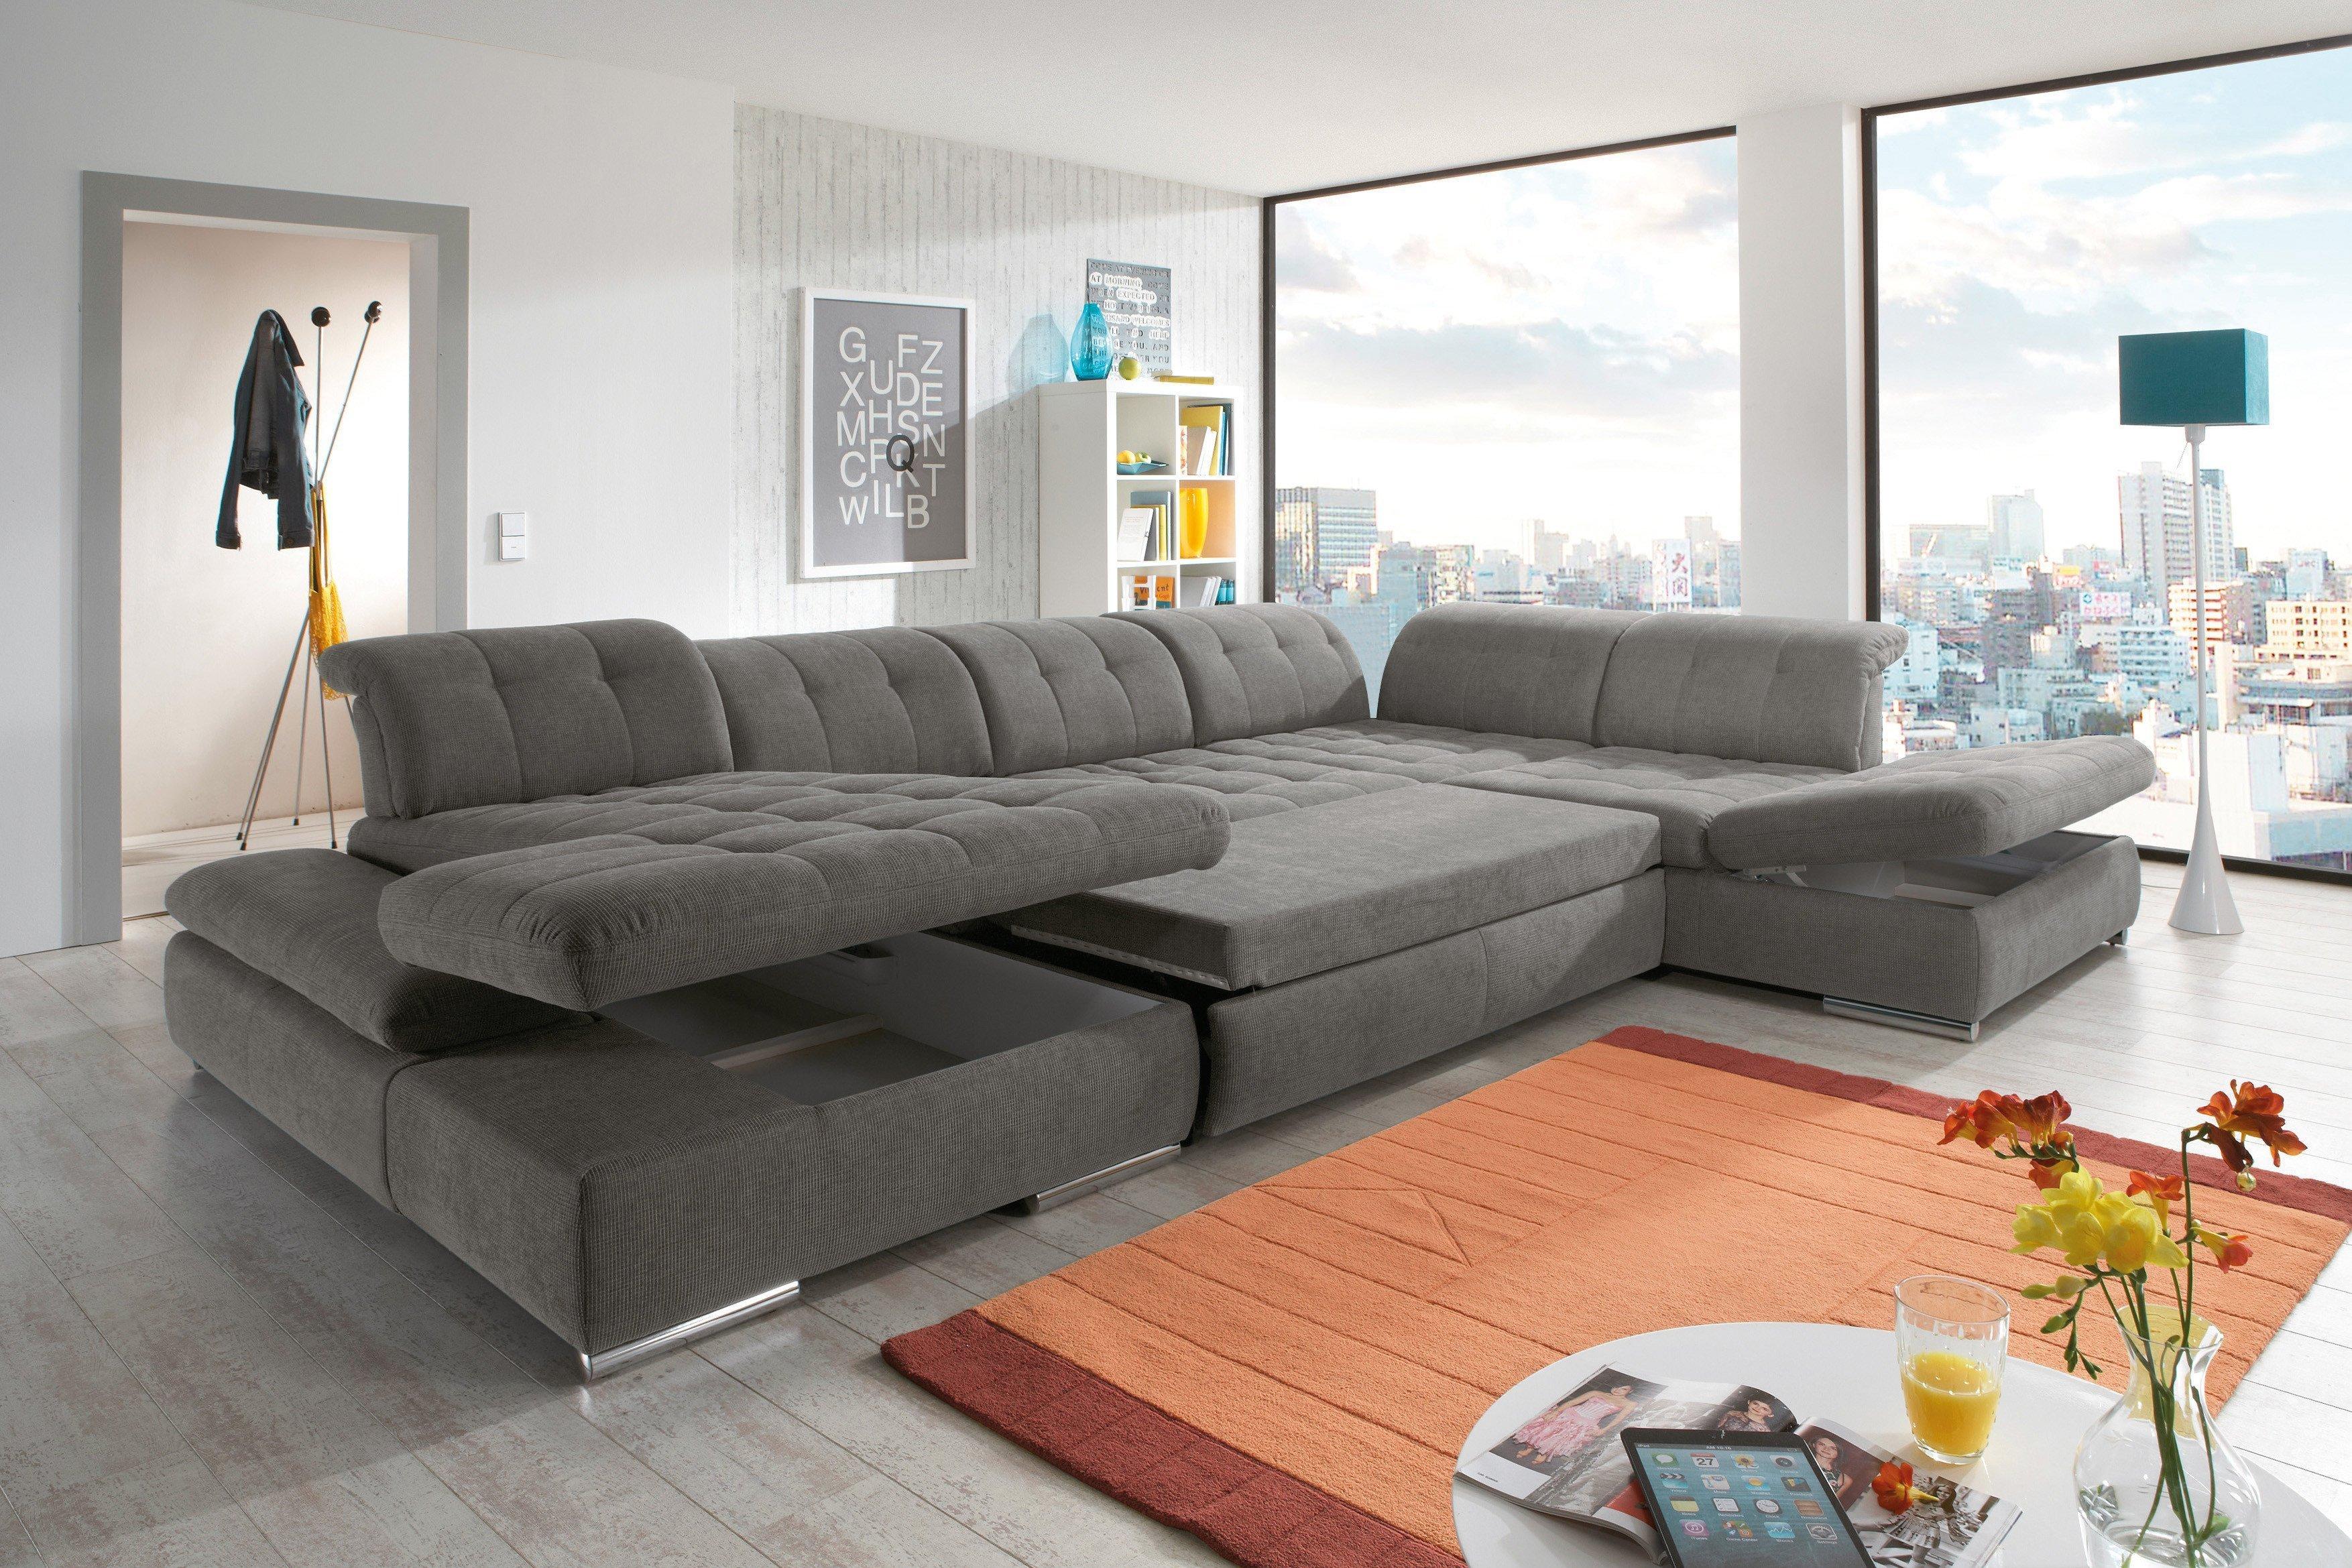 poco wohnlandschaft houston in grau m bel letz ihr online shop. Black Bedroom Furniture Sets. Home Design Ideas